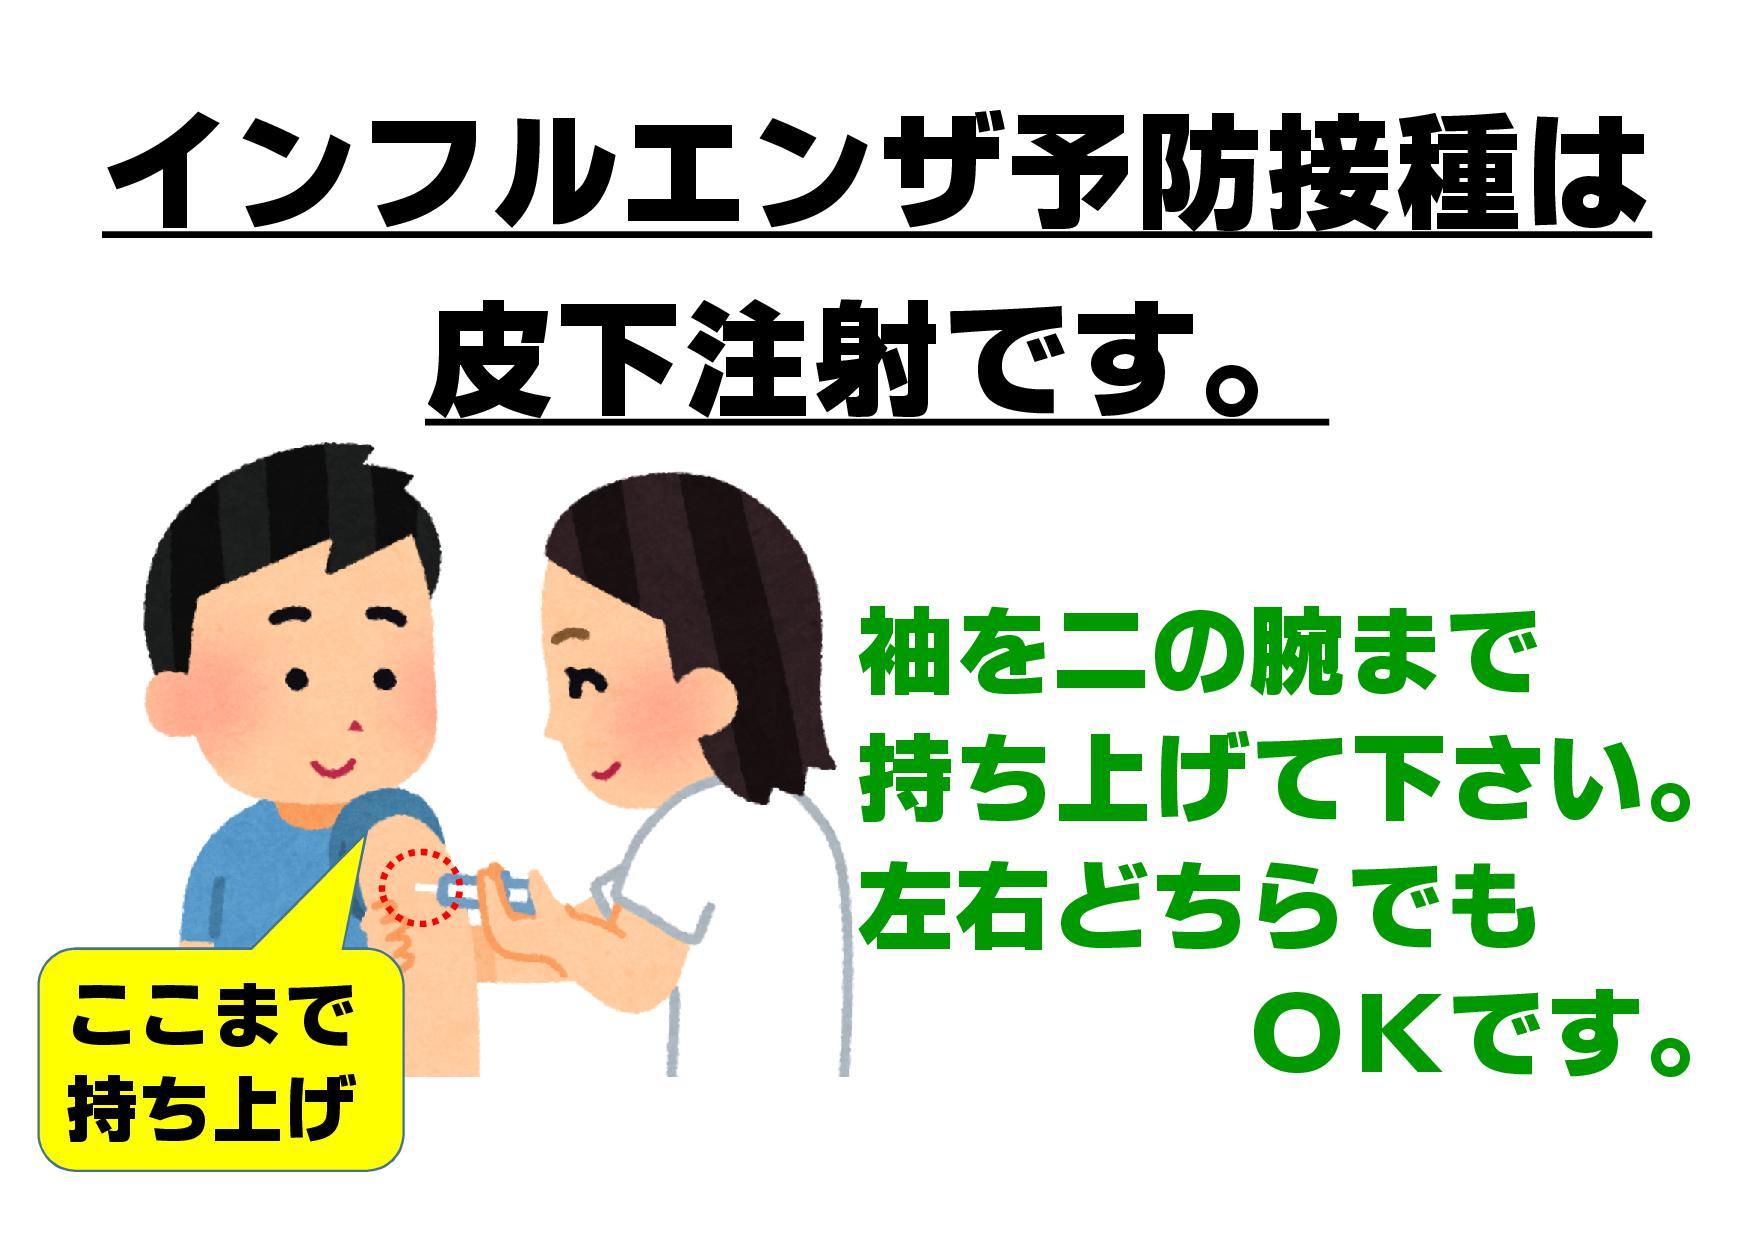 予防 皮下 インフルエンザ 注射 接種